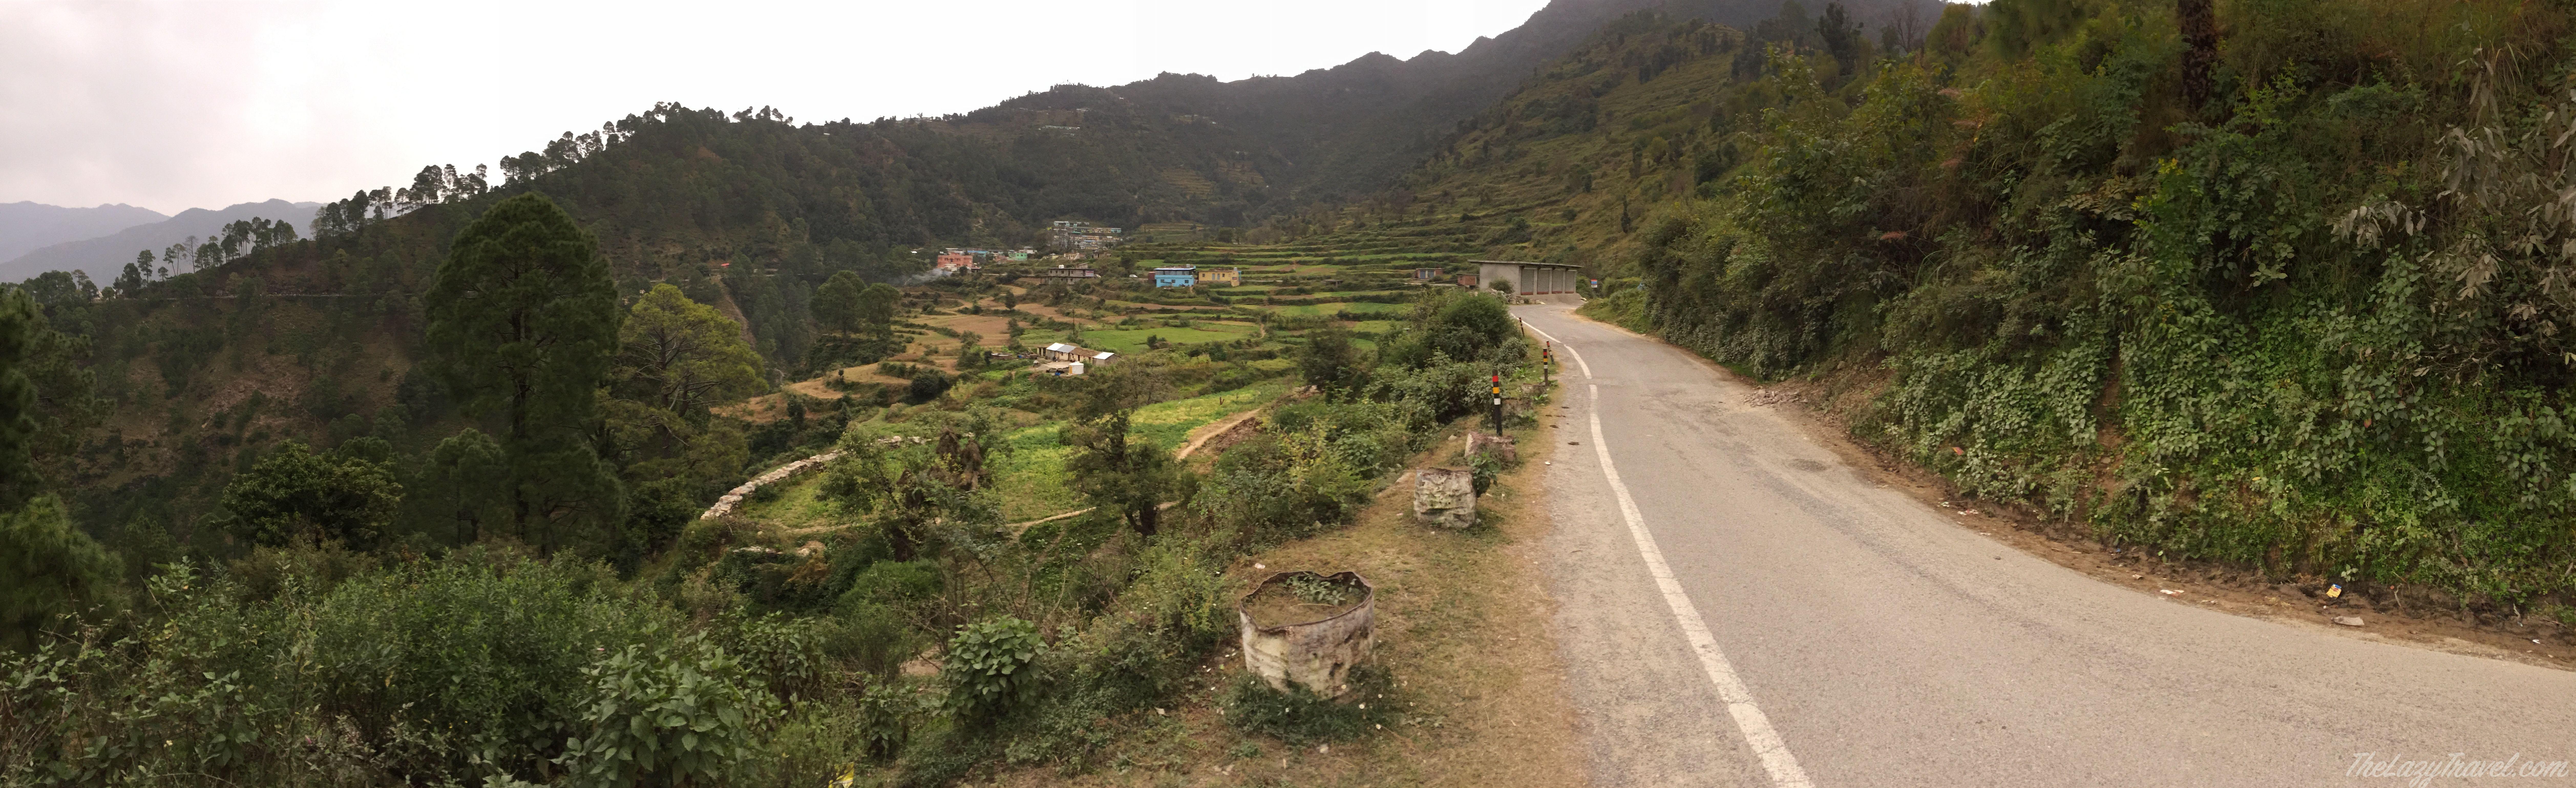 Uttarakhand1